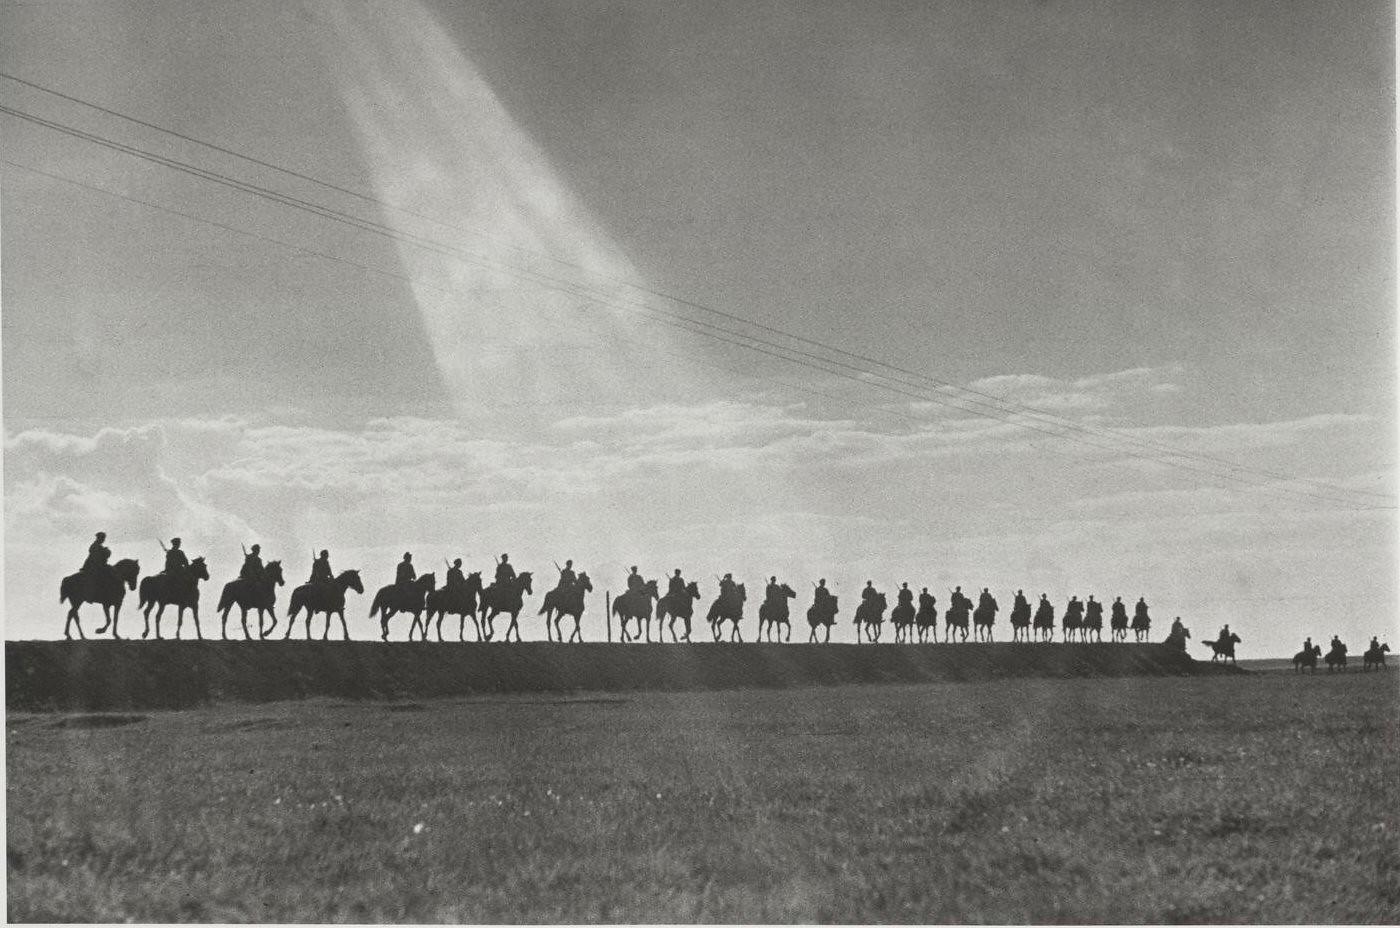 1935. Съемка для книги «Первая конная». Цепочка кавалеристов в походе